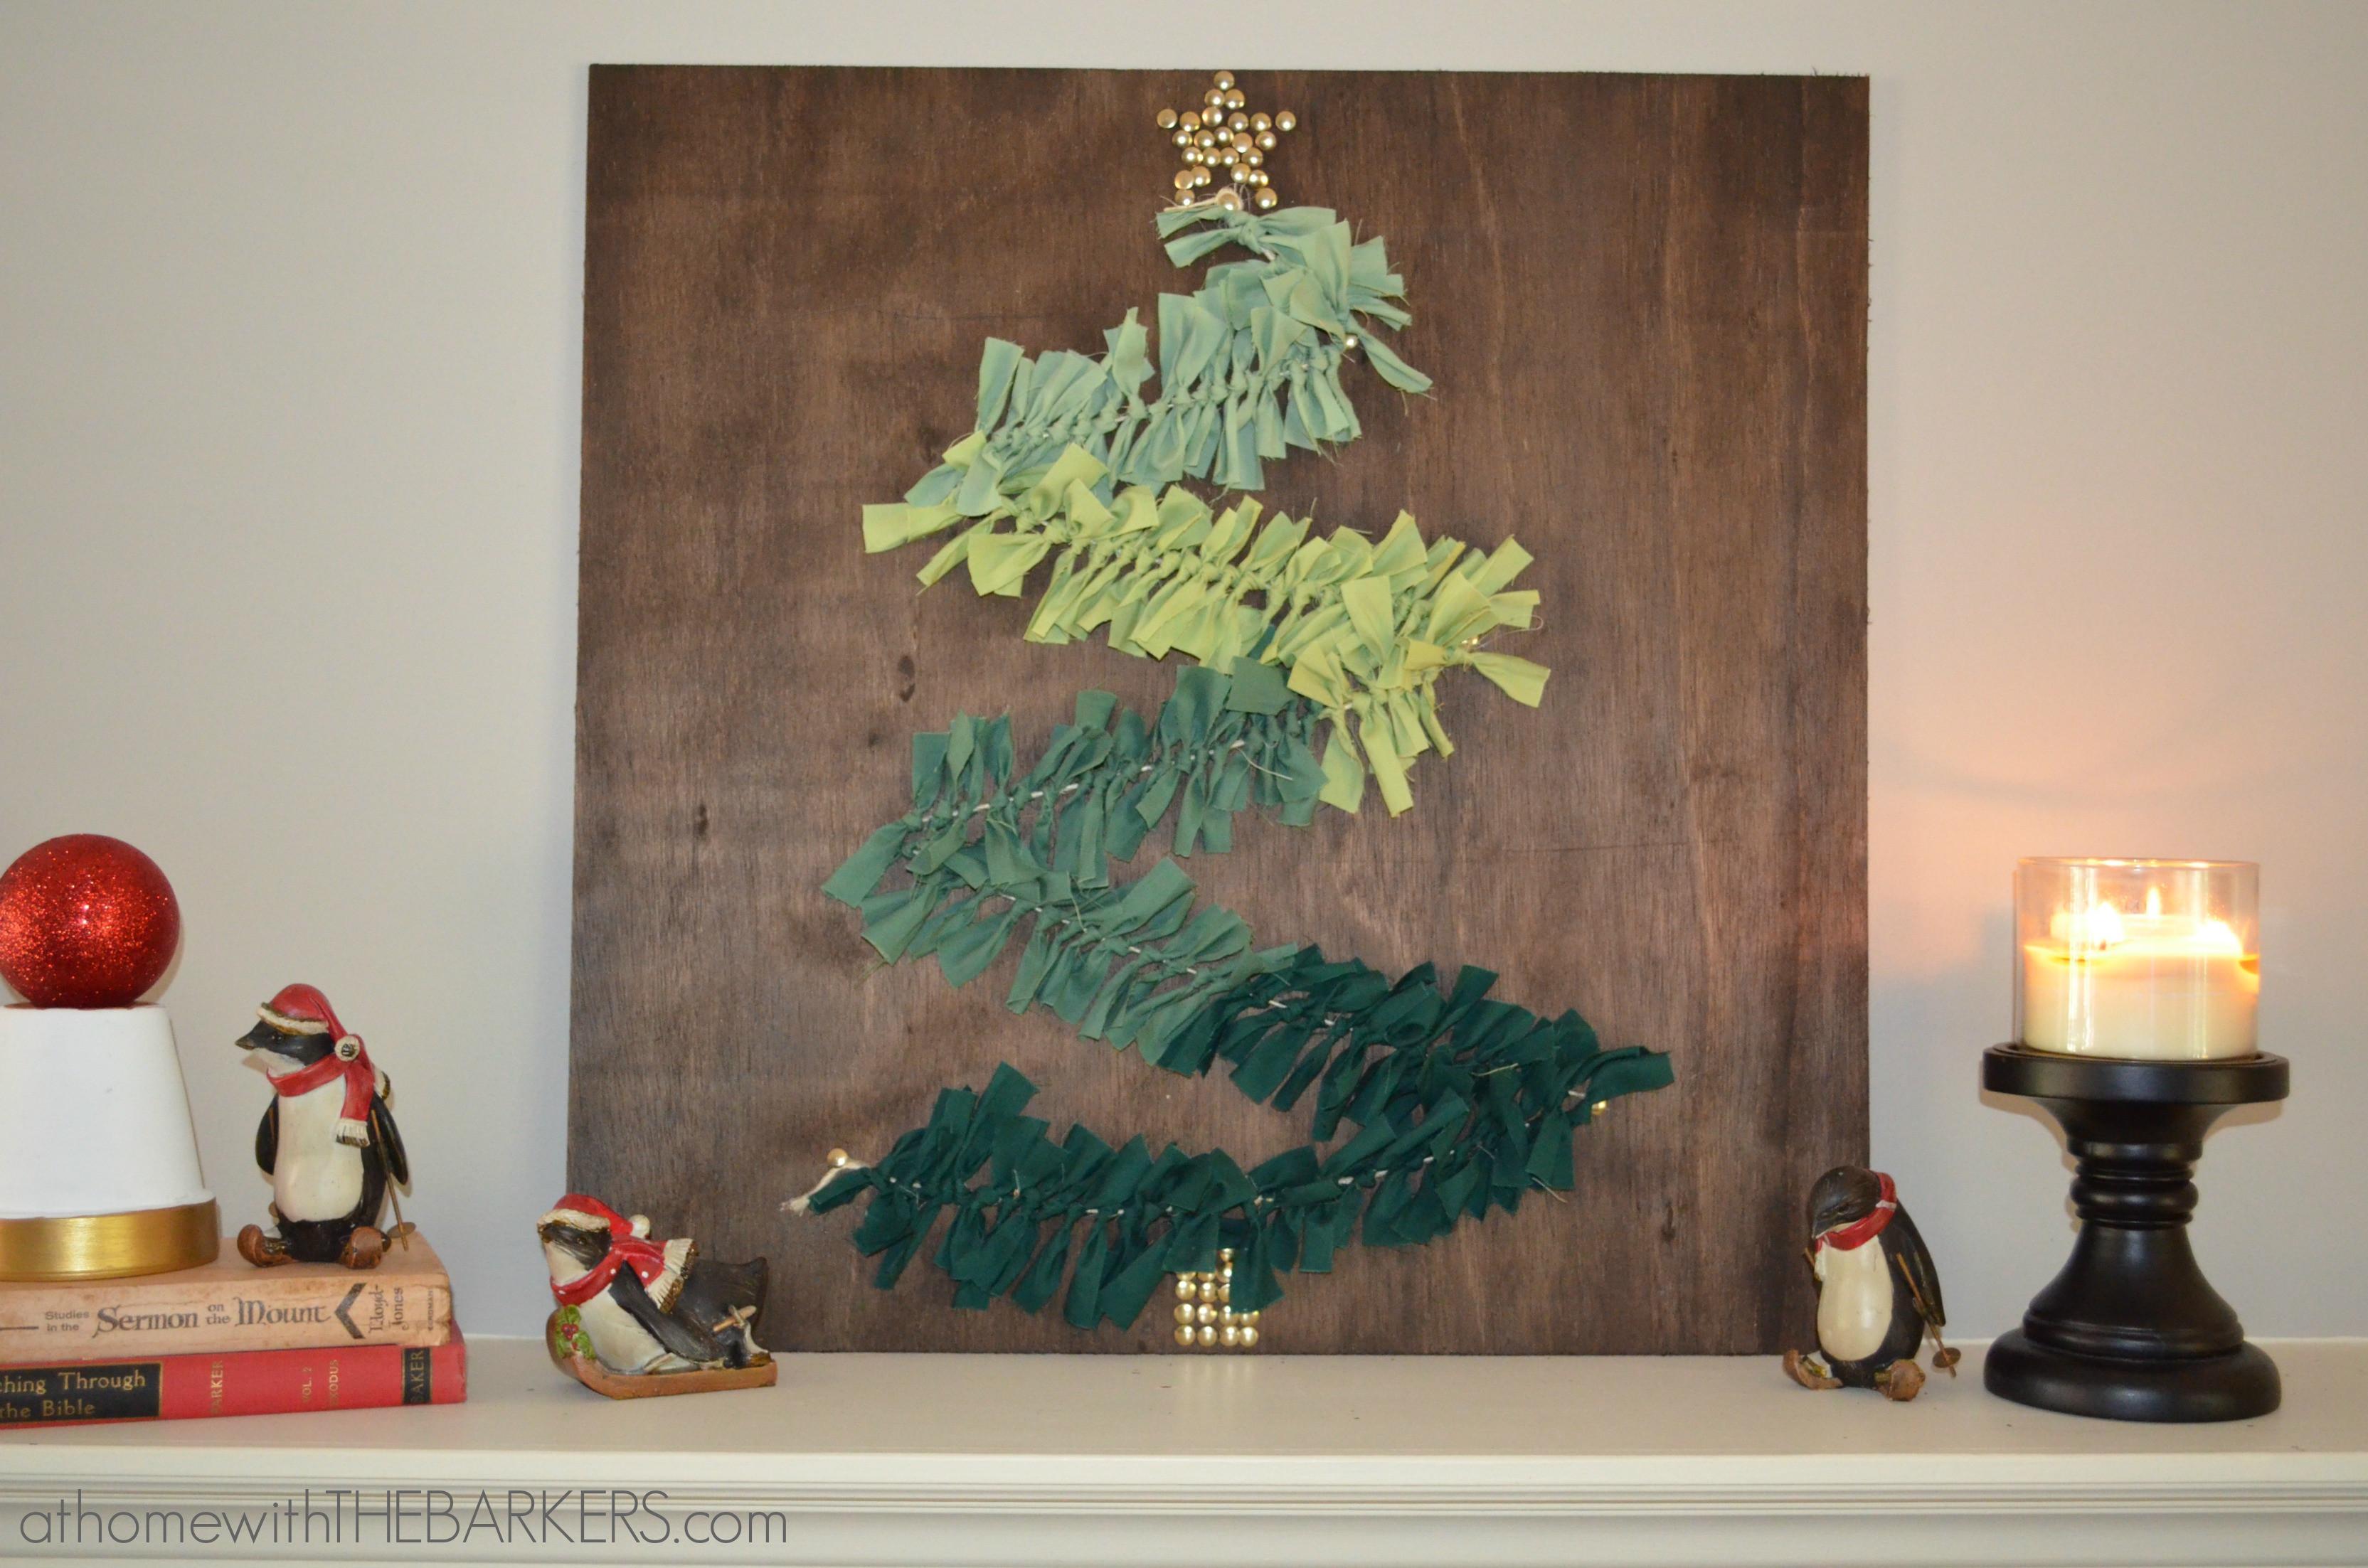 Diy Christmas Wall Art  DIY Christmas Tree Wall Art on Mantel At Home with The